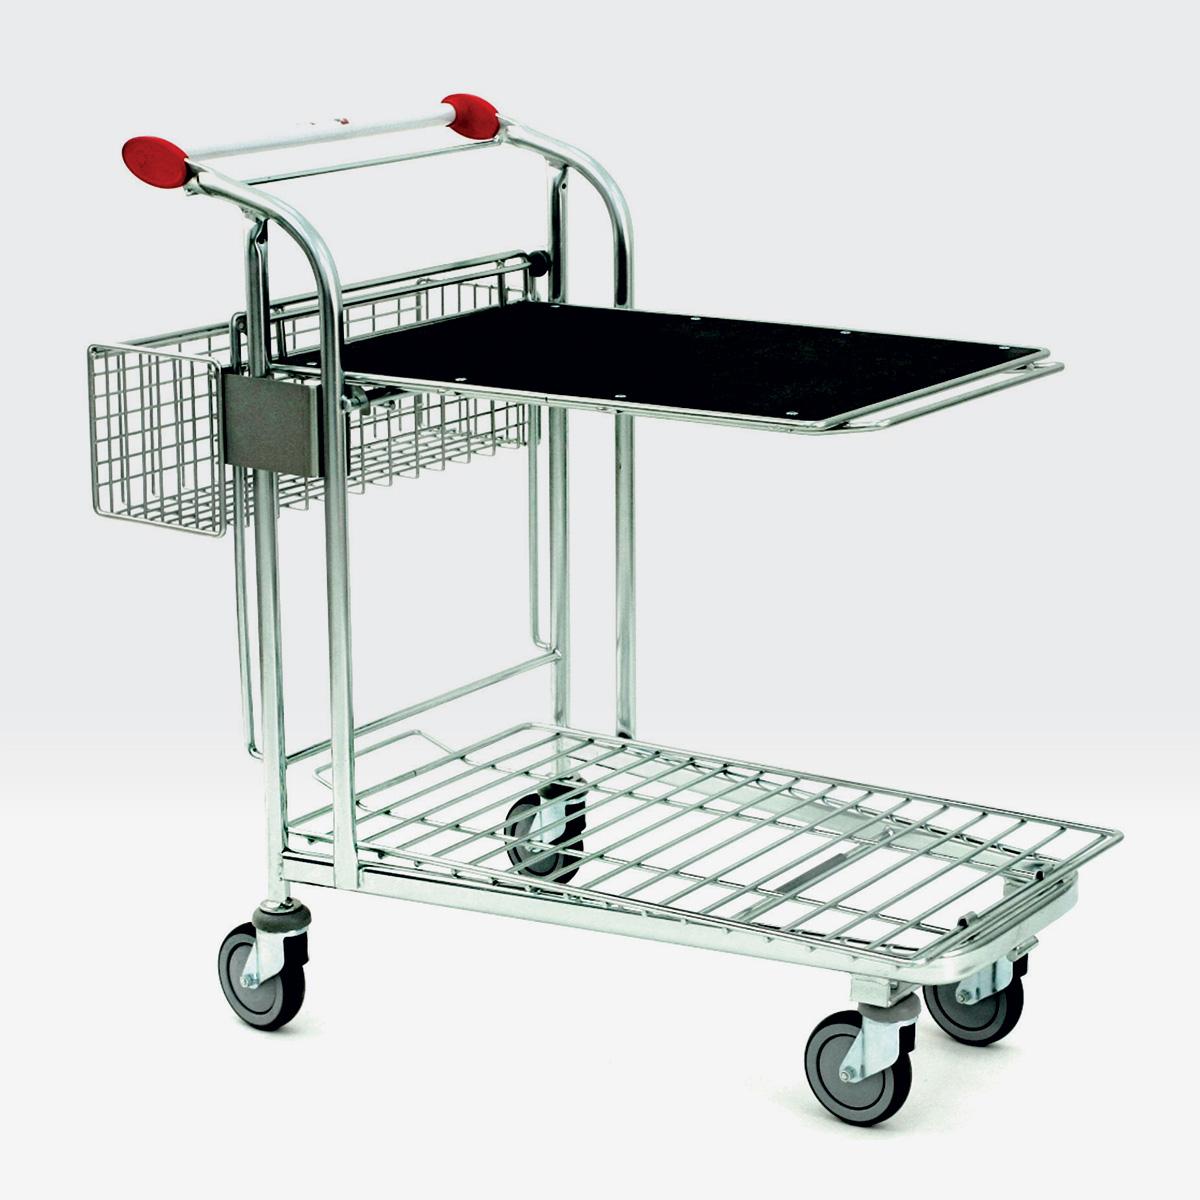 Carrello trasporto merci VARIO WTP 3KP